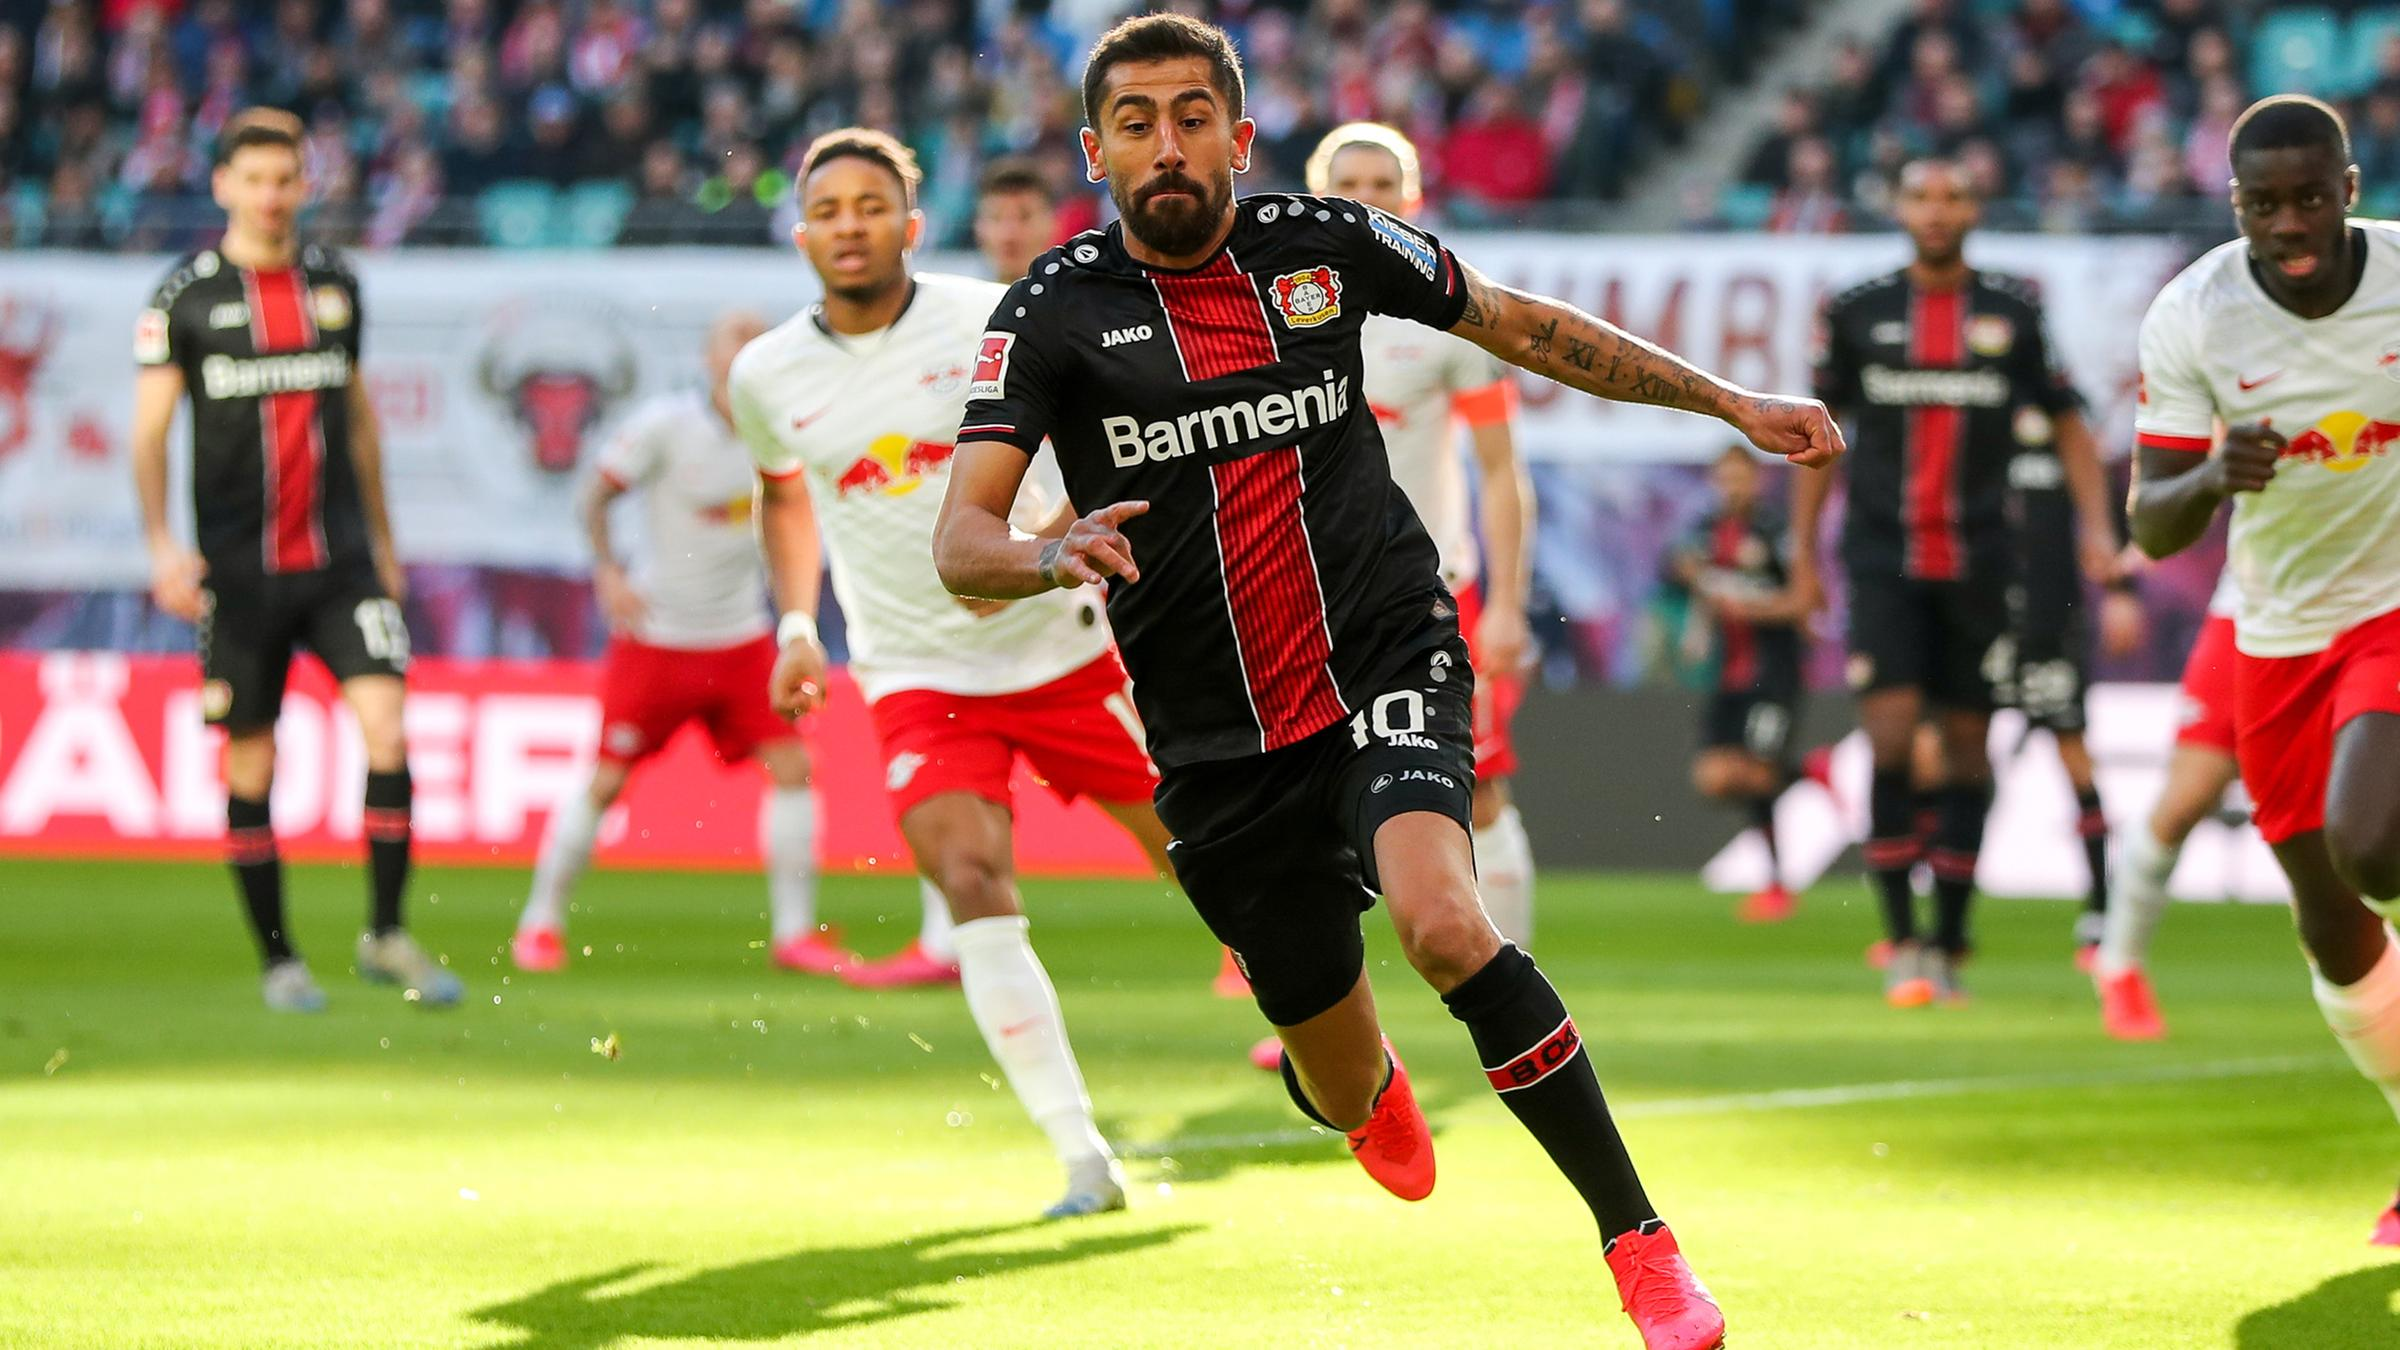 Rückrundentabelle Bundesliga